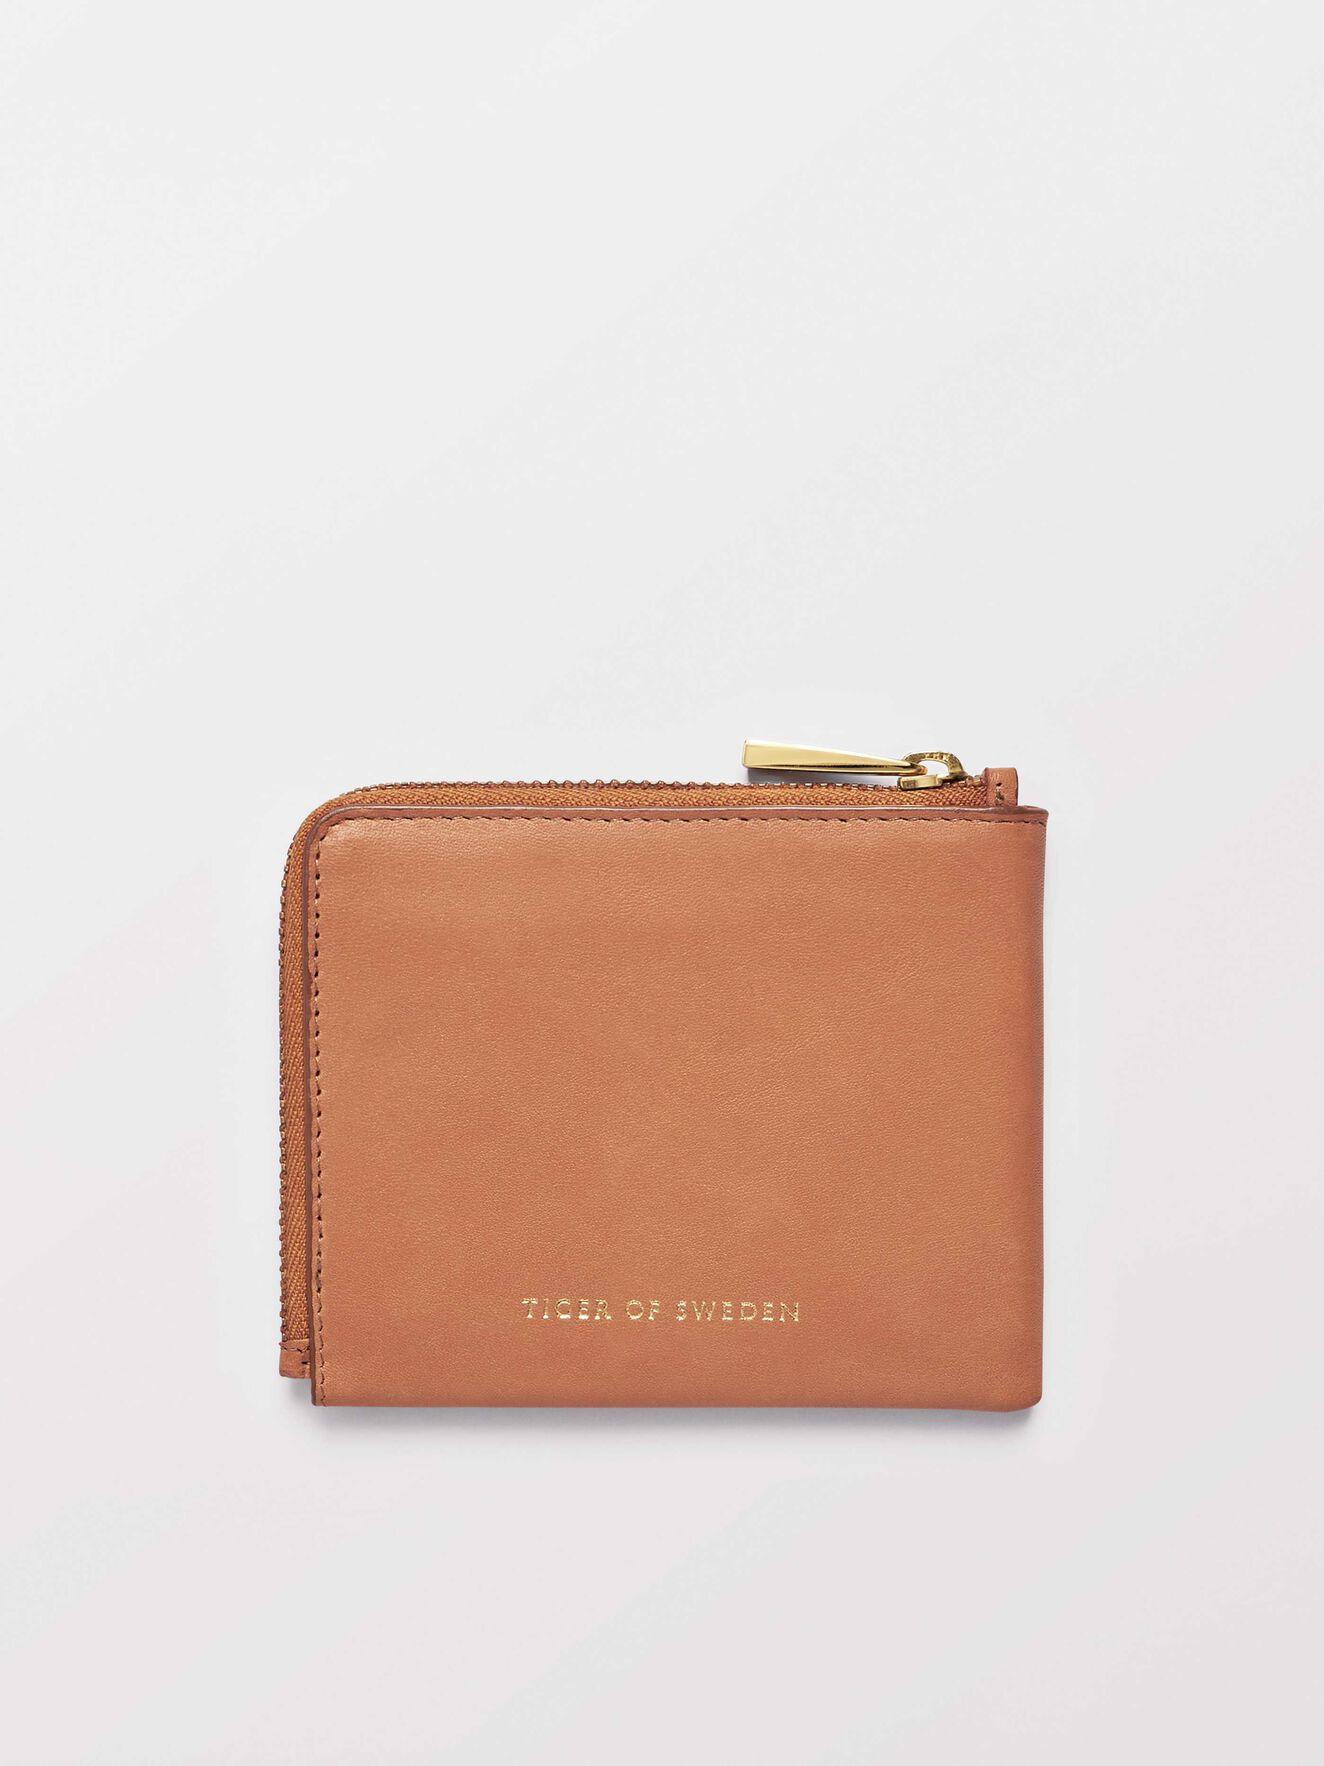 Wortafo Wallet in Cognac from Tiger of Sweden